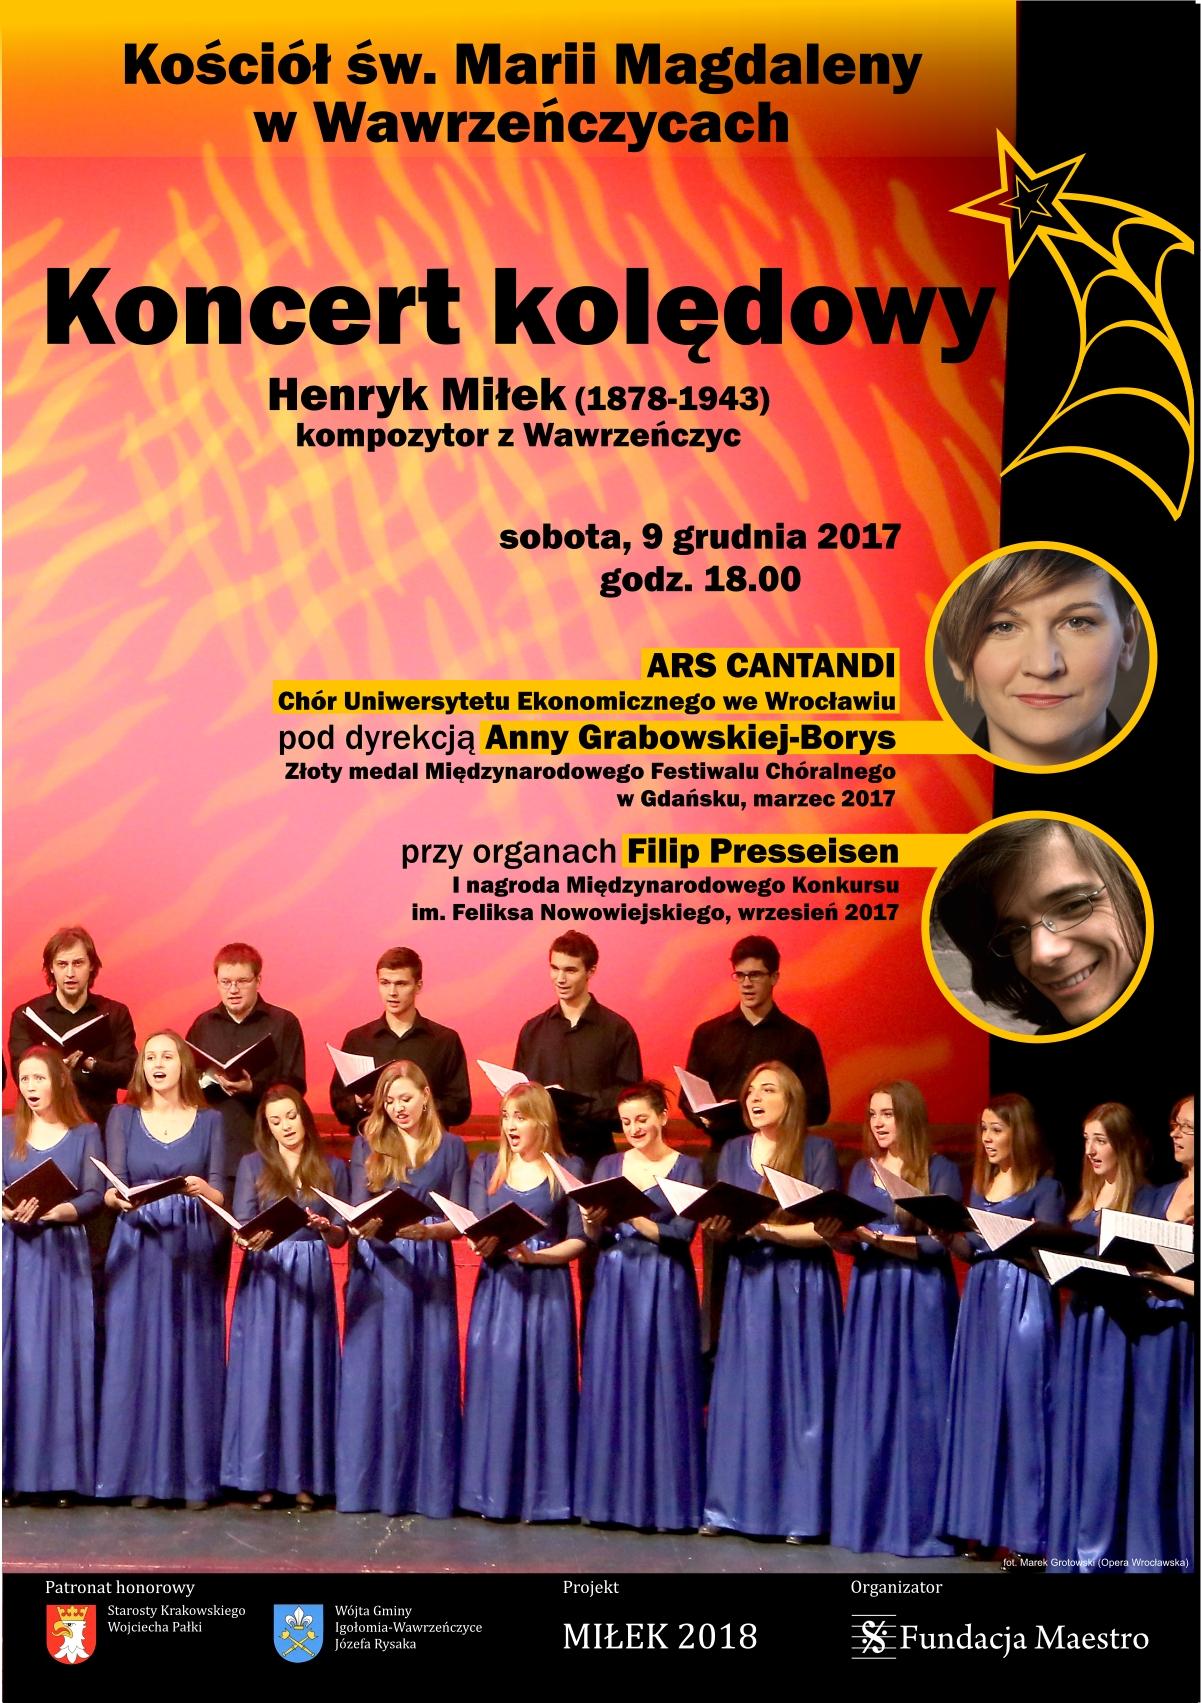 Koncert kolędowy @ Kościół św. Marii Magdaleny | Wawrzeńczyce | małopolskie | Polska